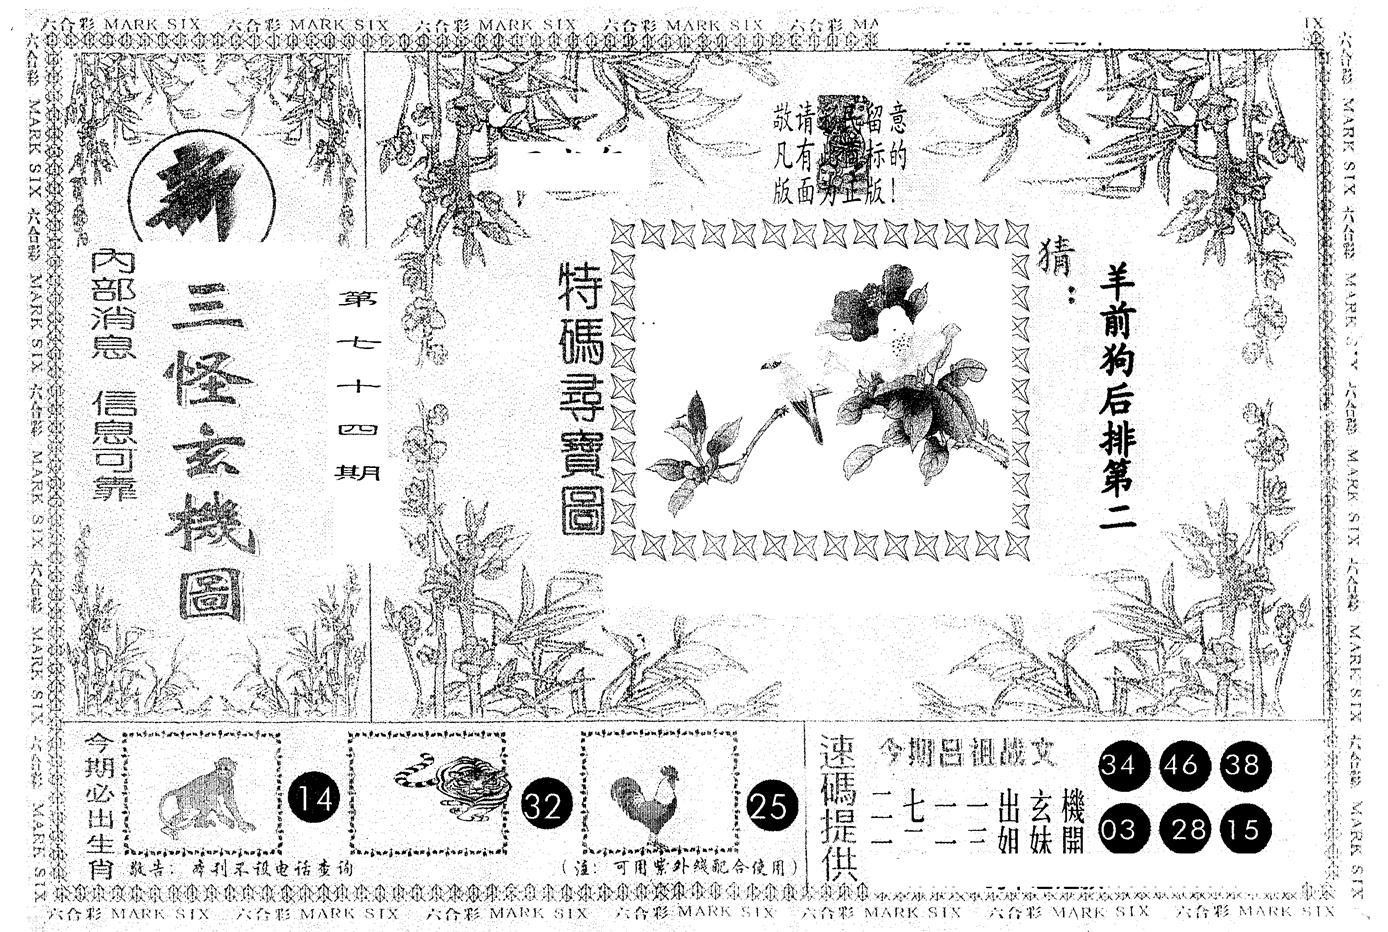 074期另版新三怪(黑白)